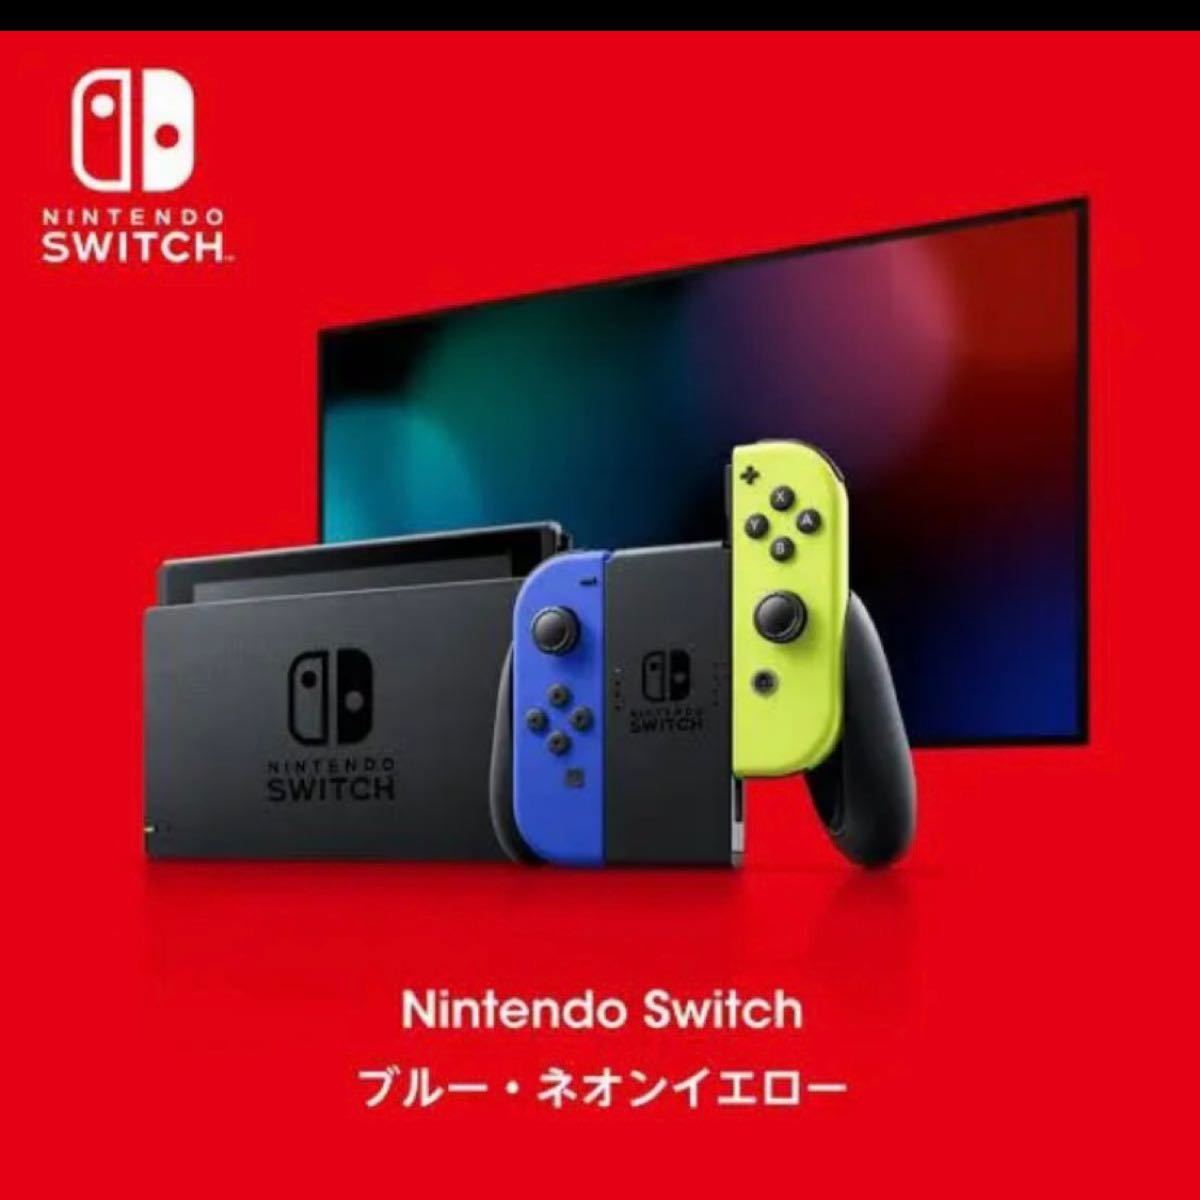 新品 ニンテンドースイッチ 本体 ブルー ネオンイエロー 任天堂 限定 Nintendo Switch Nintendo